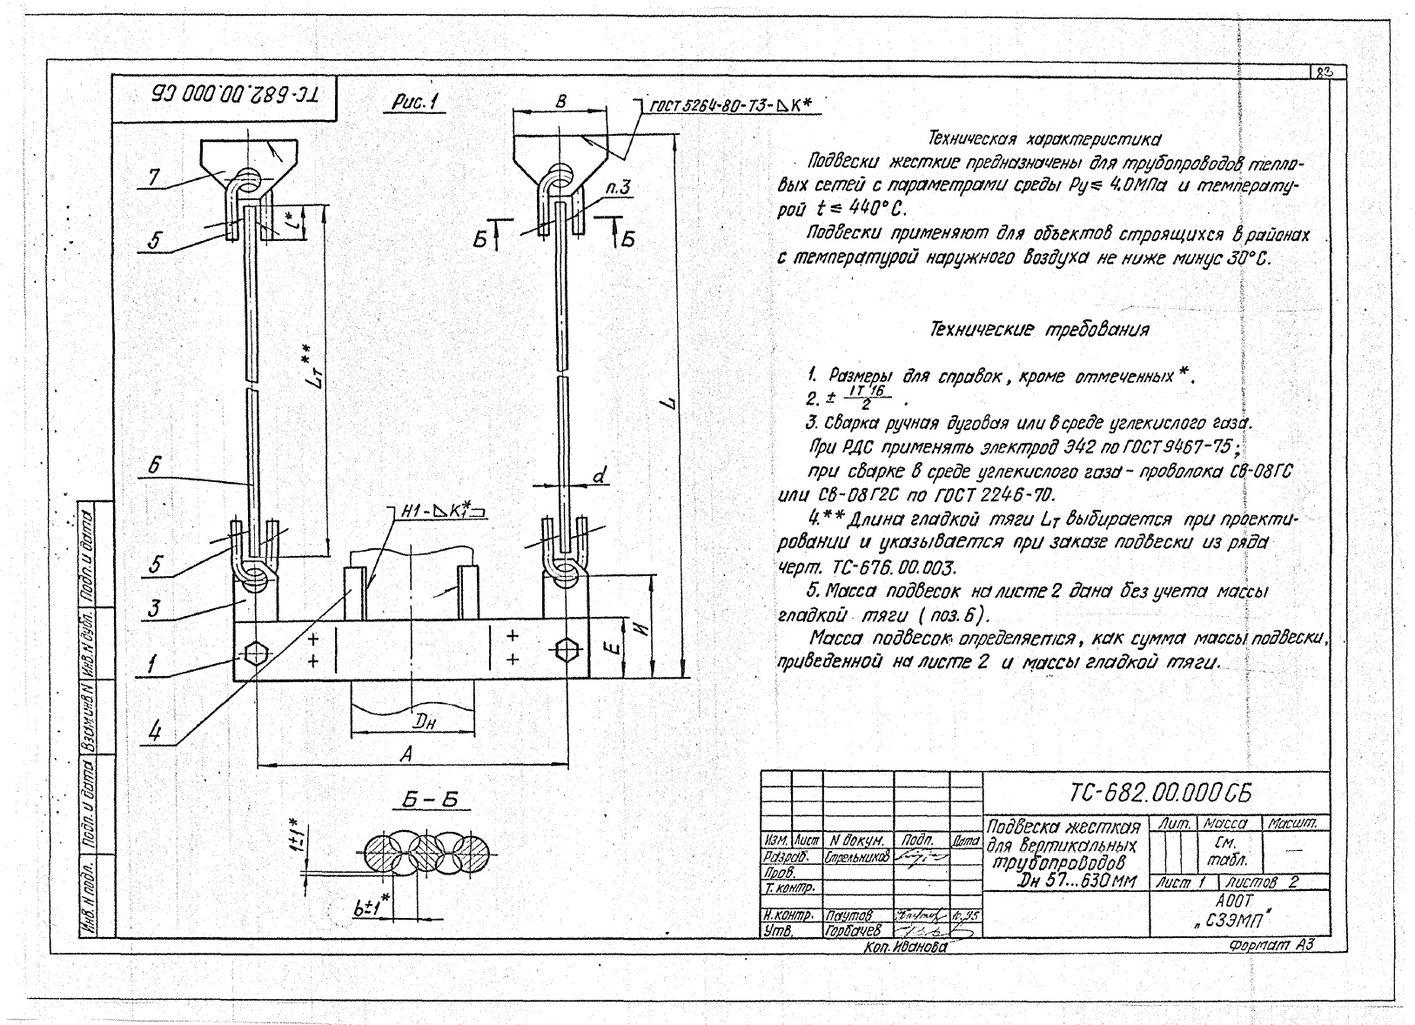 Подвески жесткие для вертикальных трубопроводов Дн 57-630 мм ТС-682.00.000 СБ серия 5.903-13 выпуск 6-95 стр.1